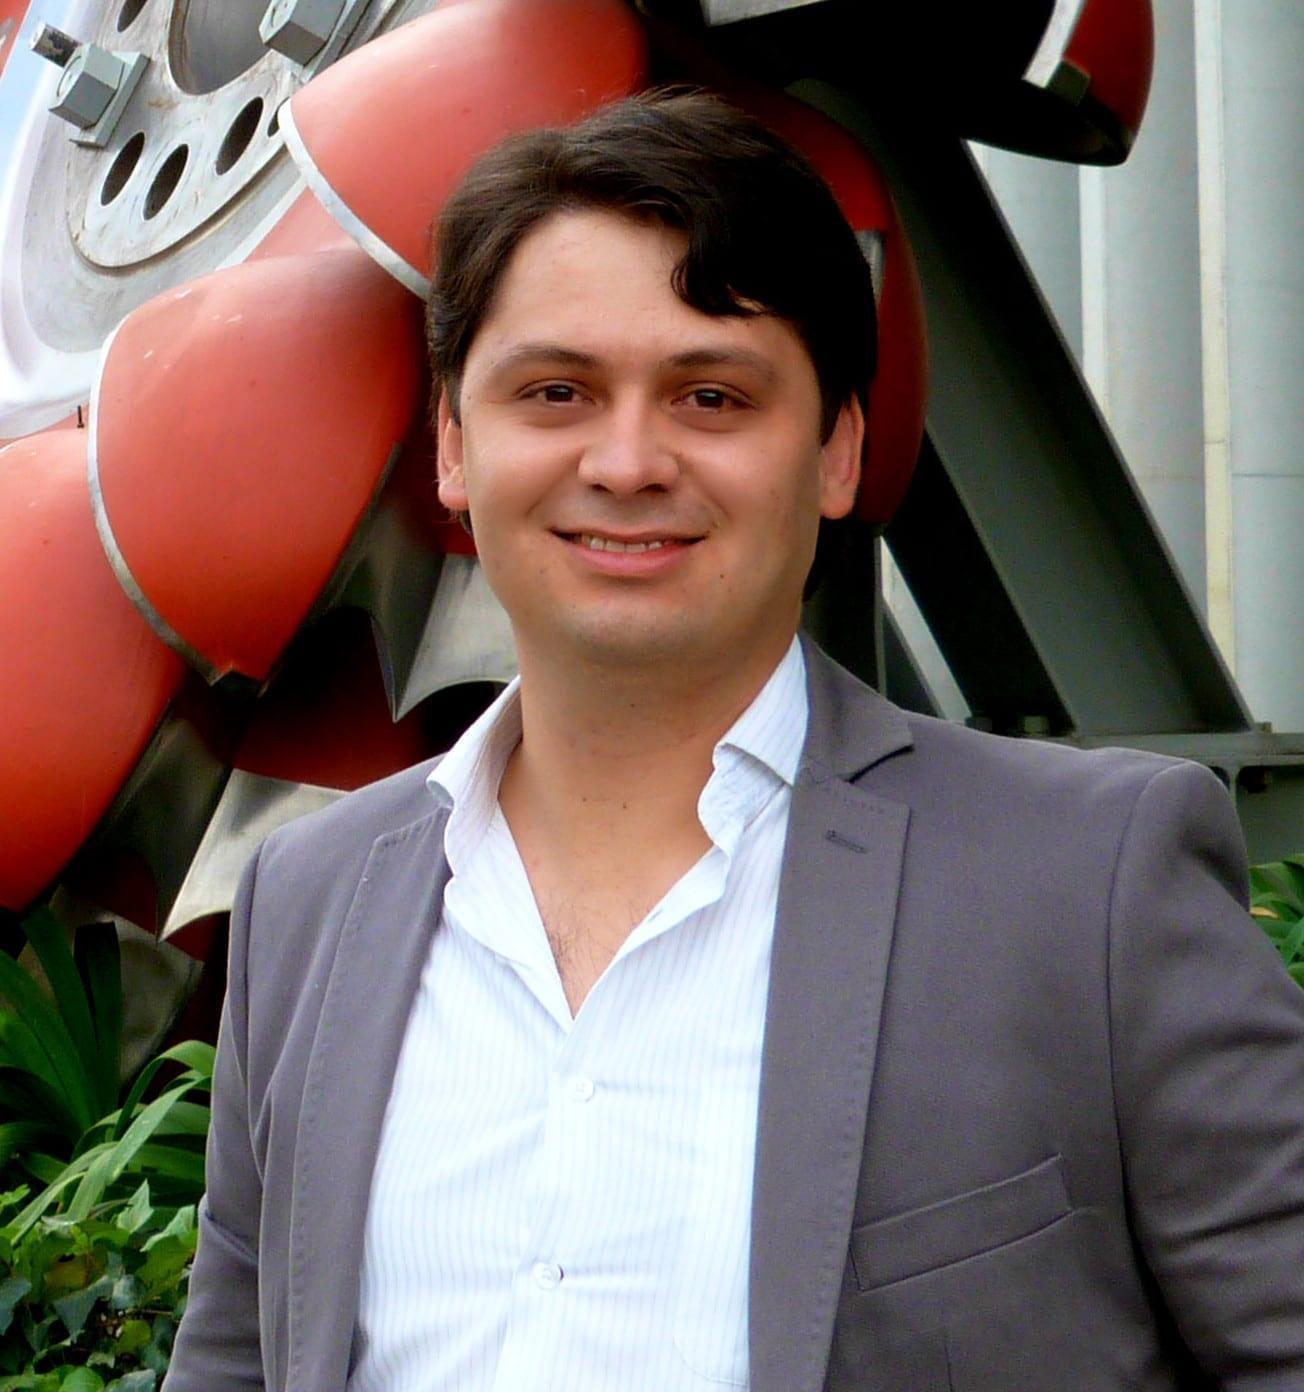 Ludwig David Zuluaga Botero